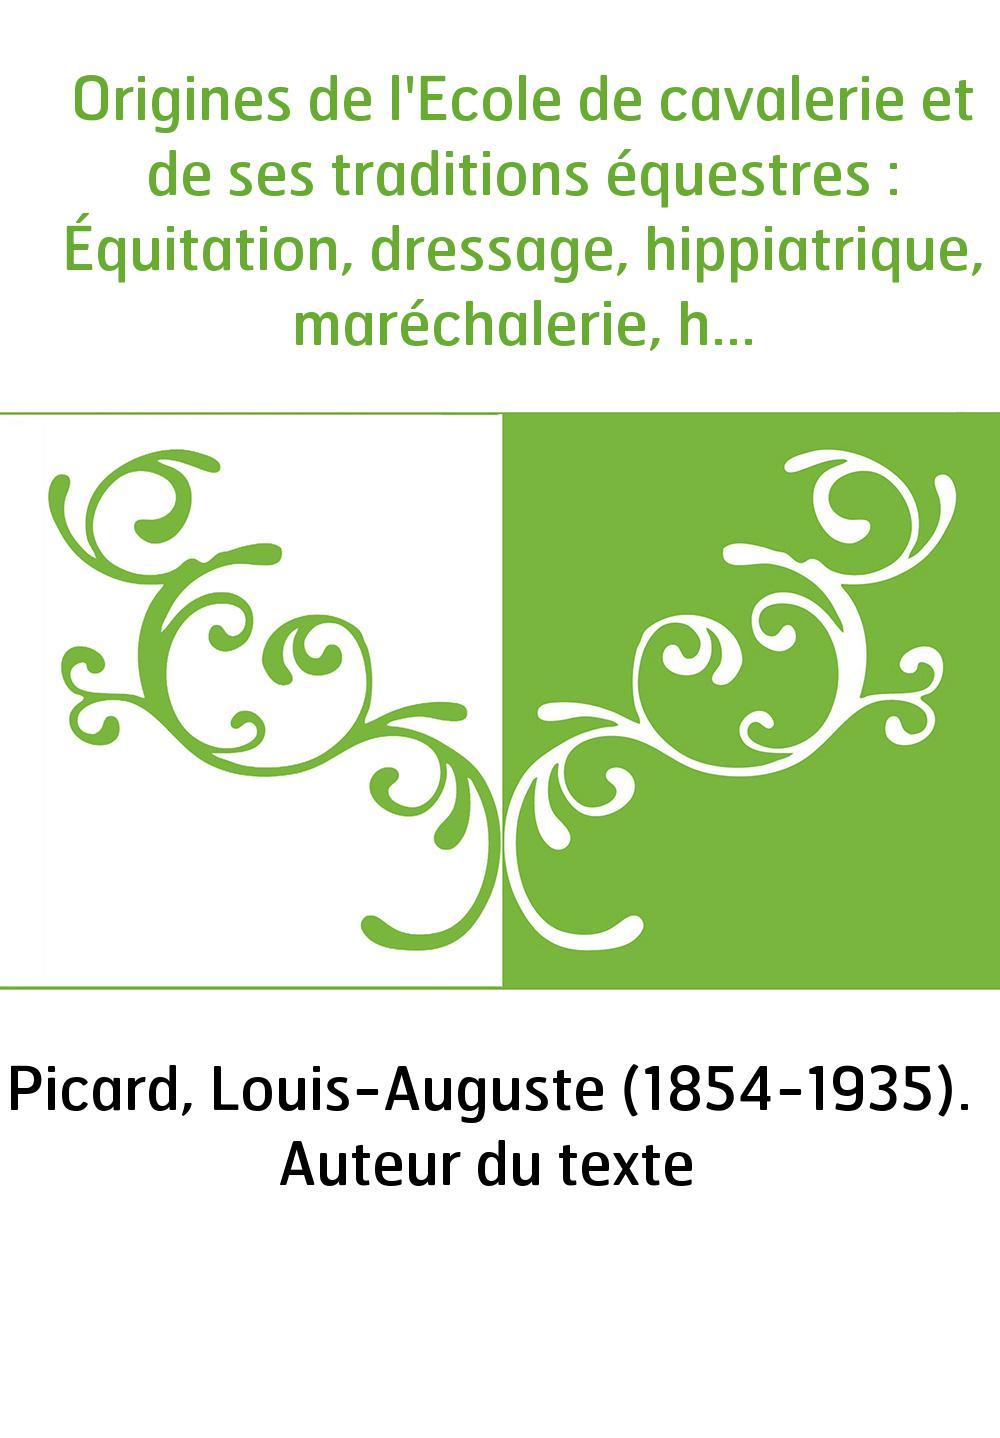 Origines de l'Ecole de cavalerie et de ses traditions équestres : Équitation, dressage, hippiatrique, maréchalerie, haras, remon